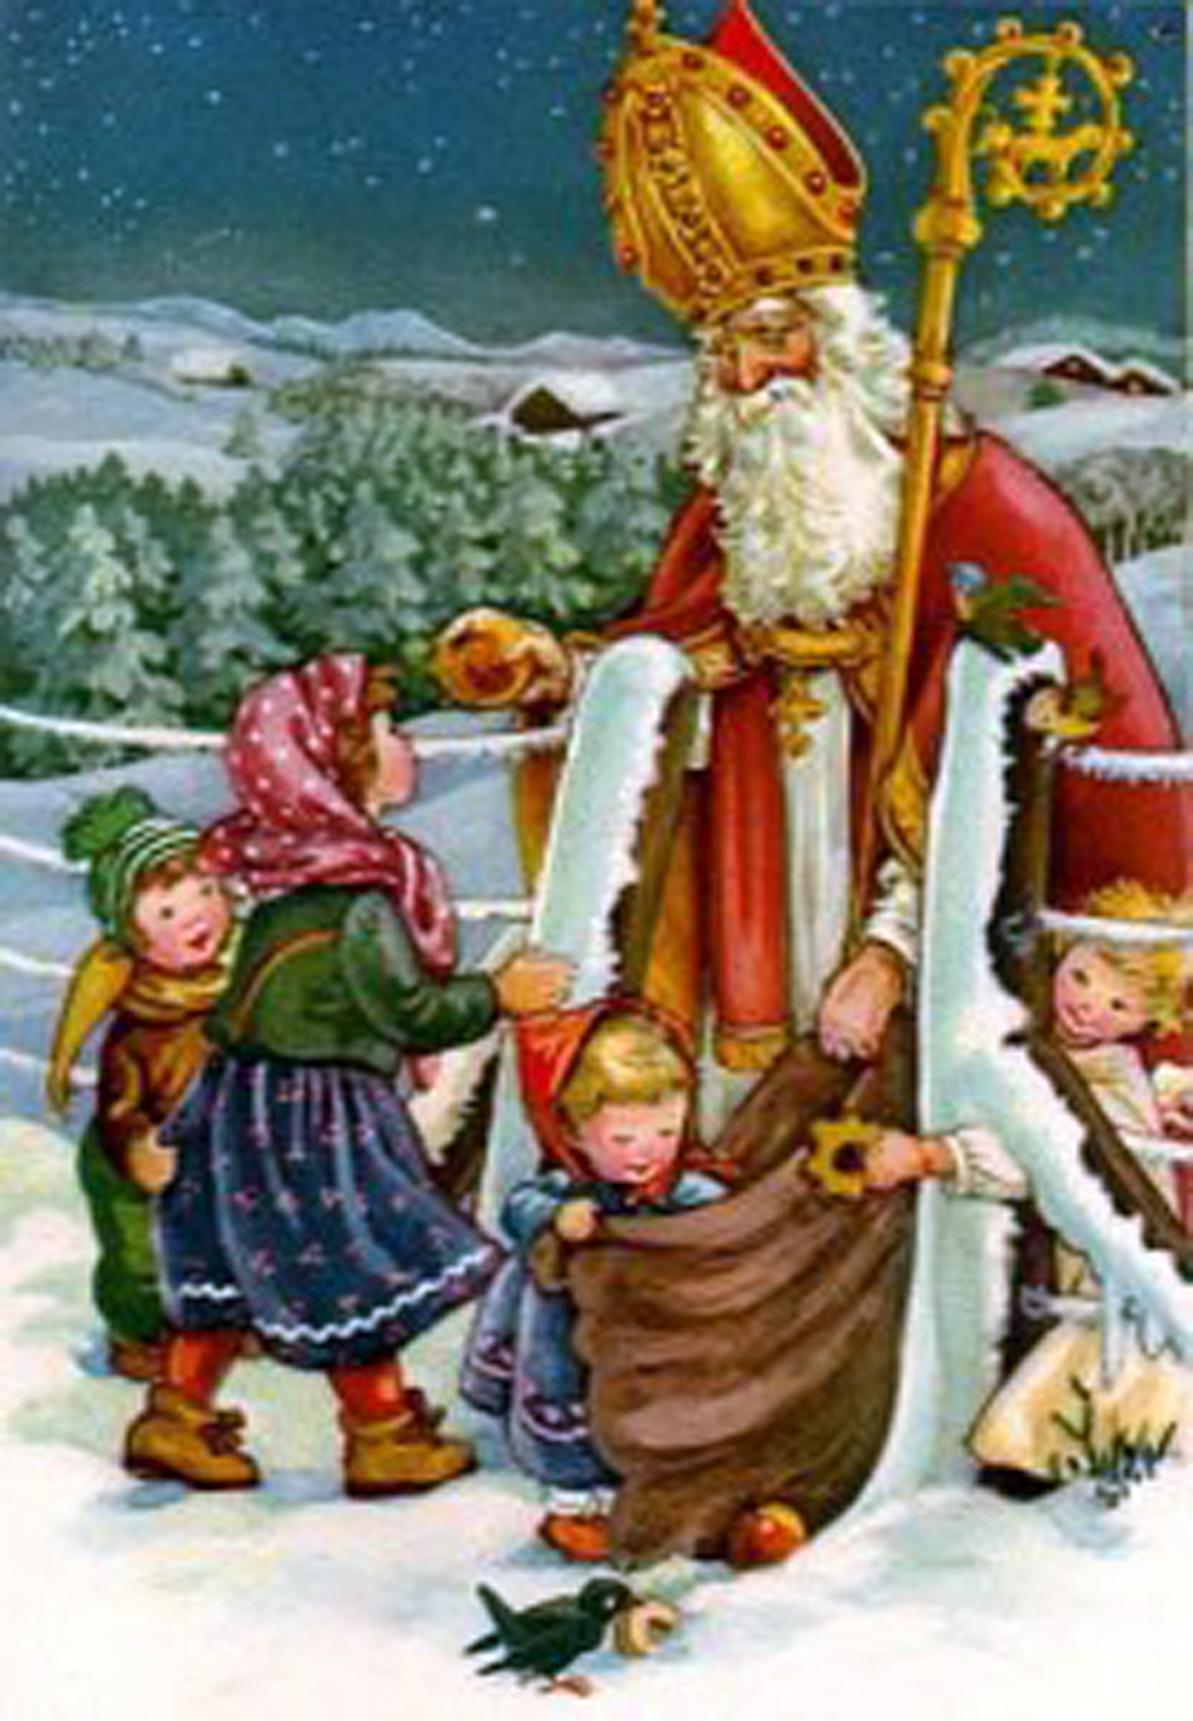 Babbo Natale E San Nicola.San Nicola E La Vera Storia Di Babbo Natale